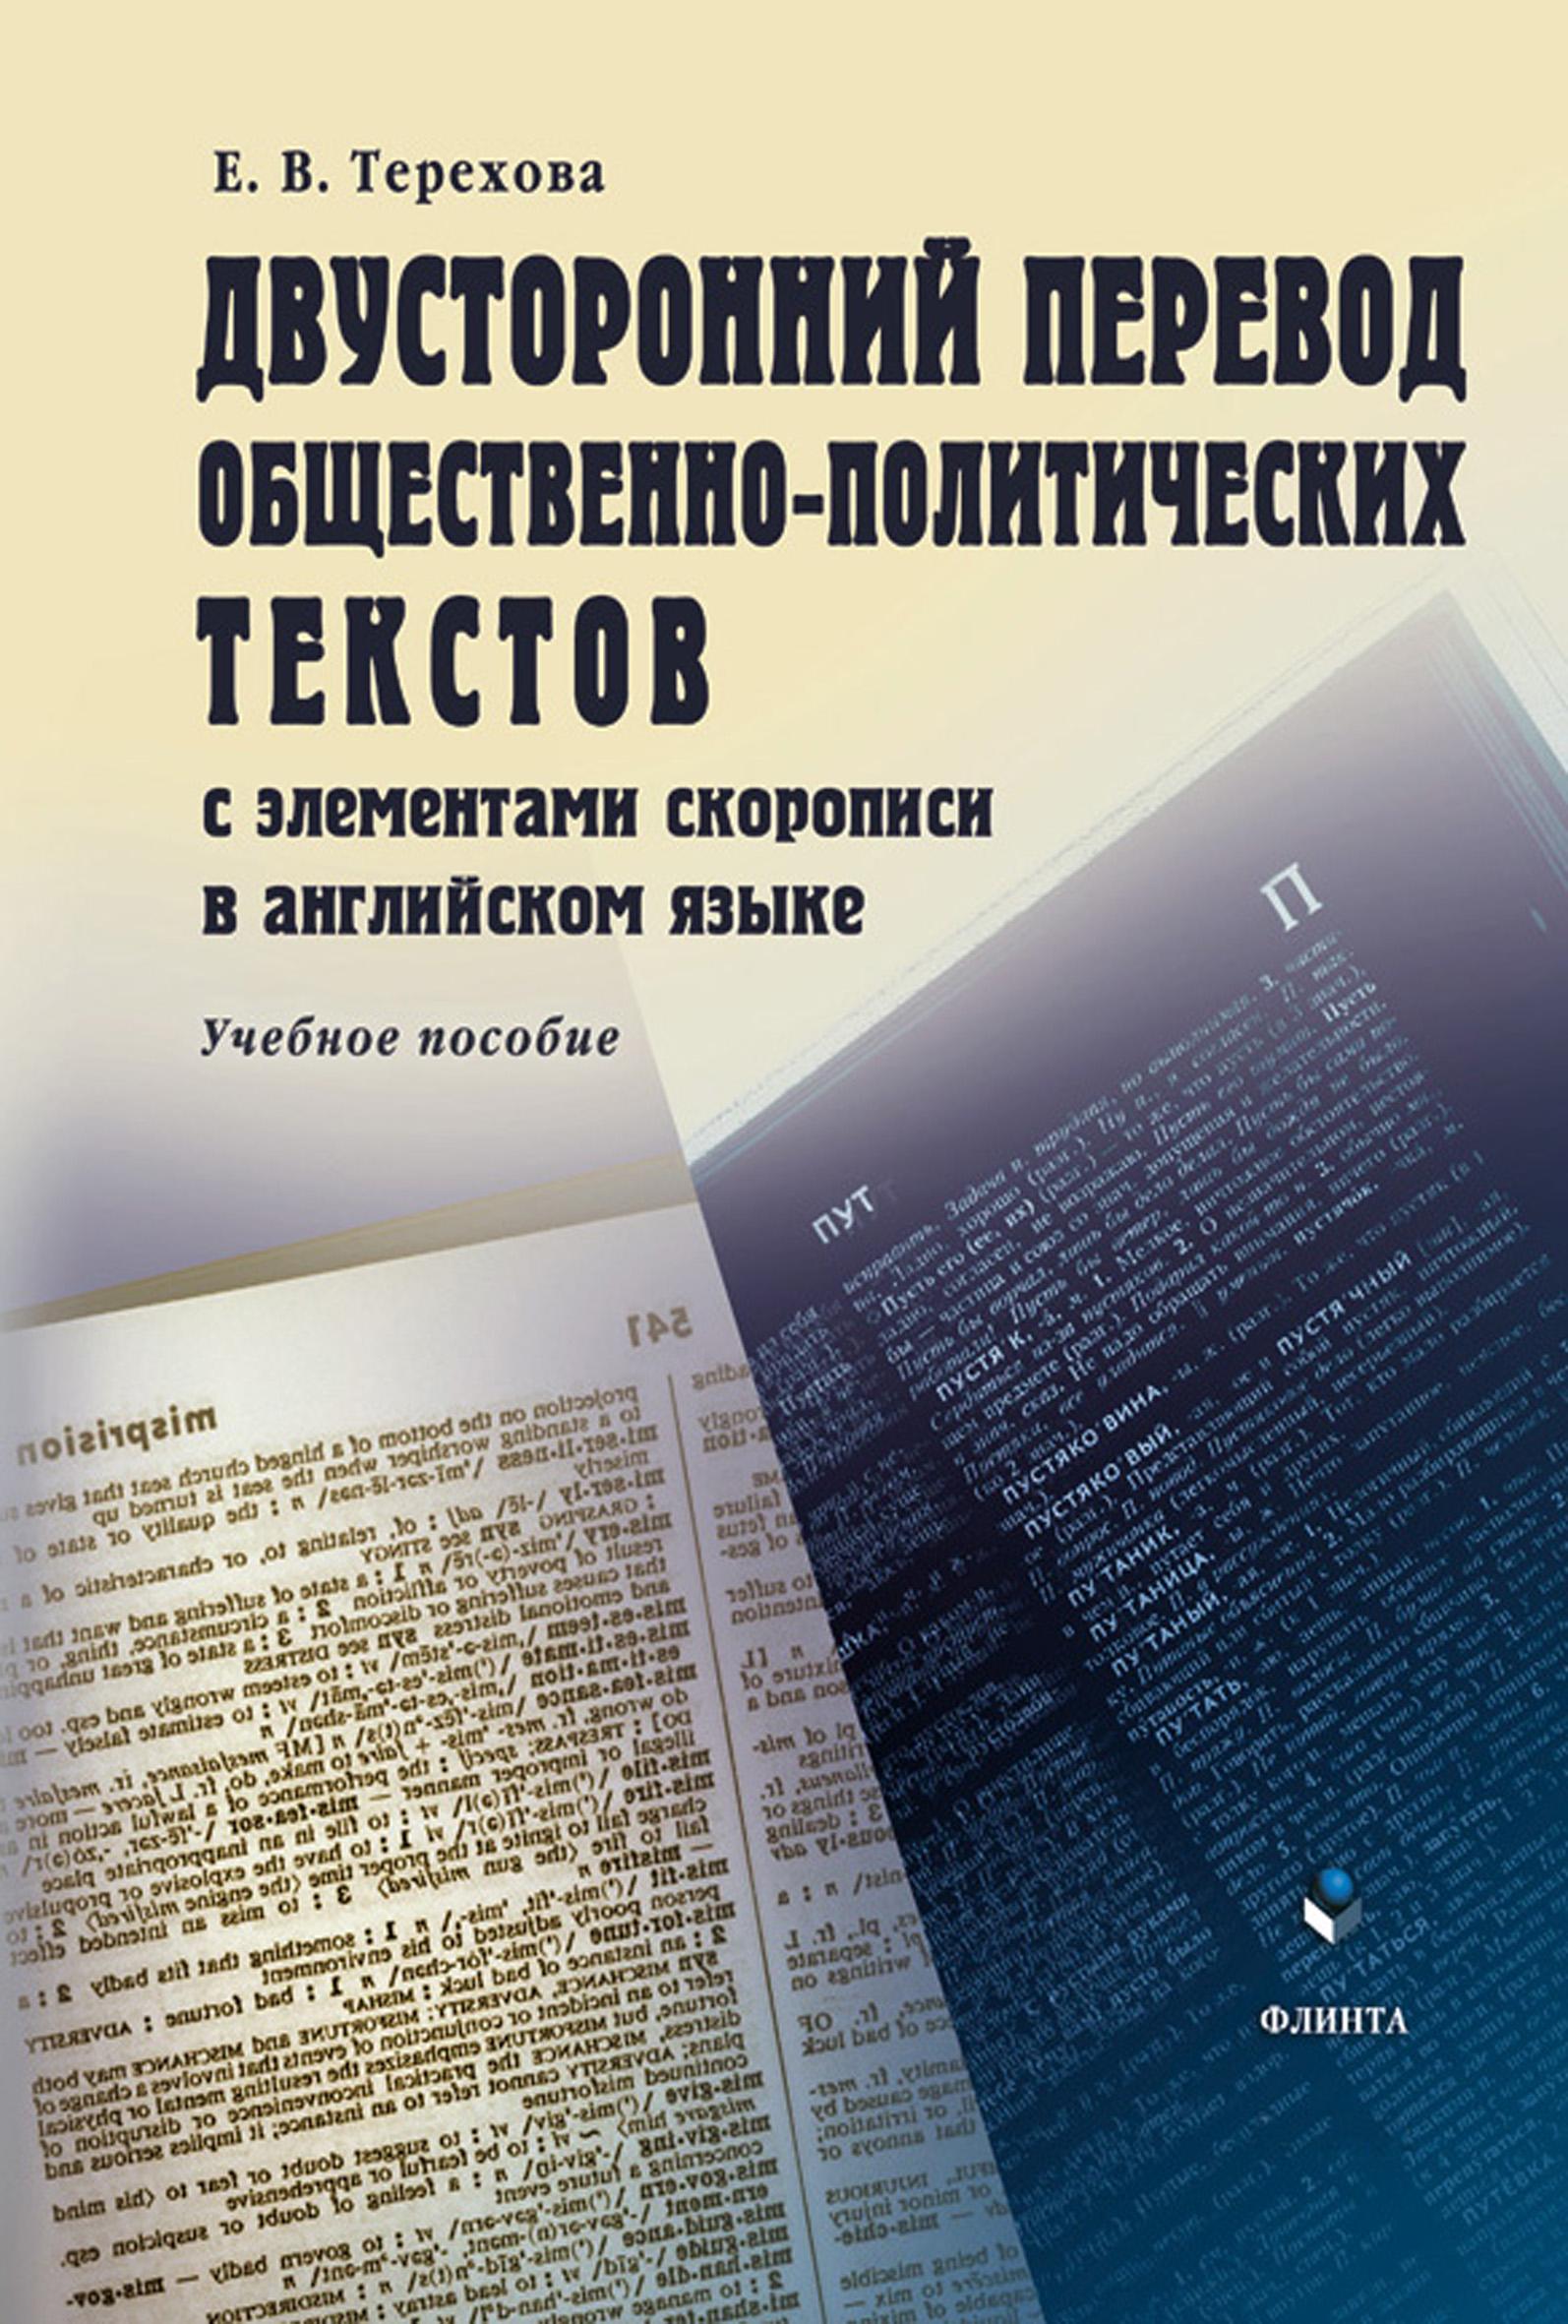 Двусторонний перевод общественно-политических текстов с элементами скорописи в английском языке. Учебное пособие